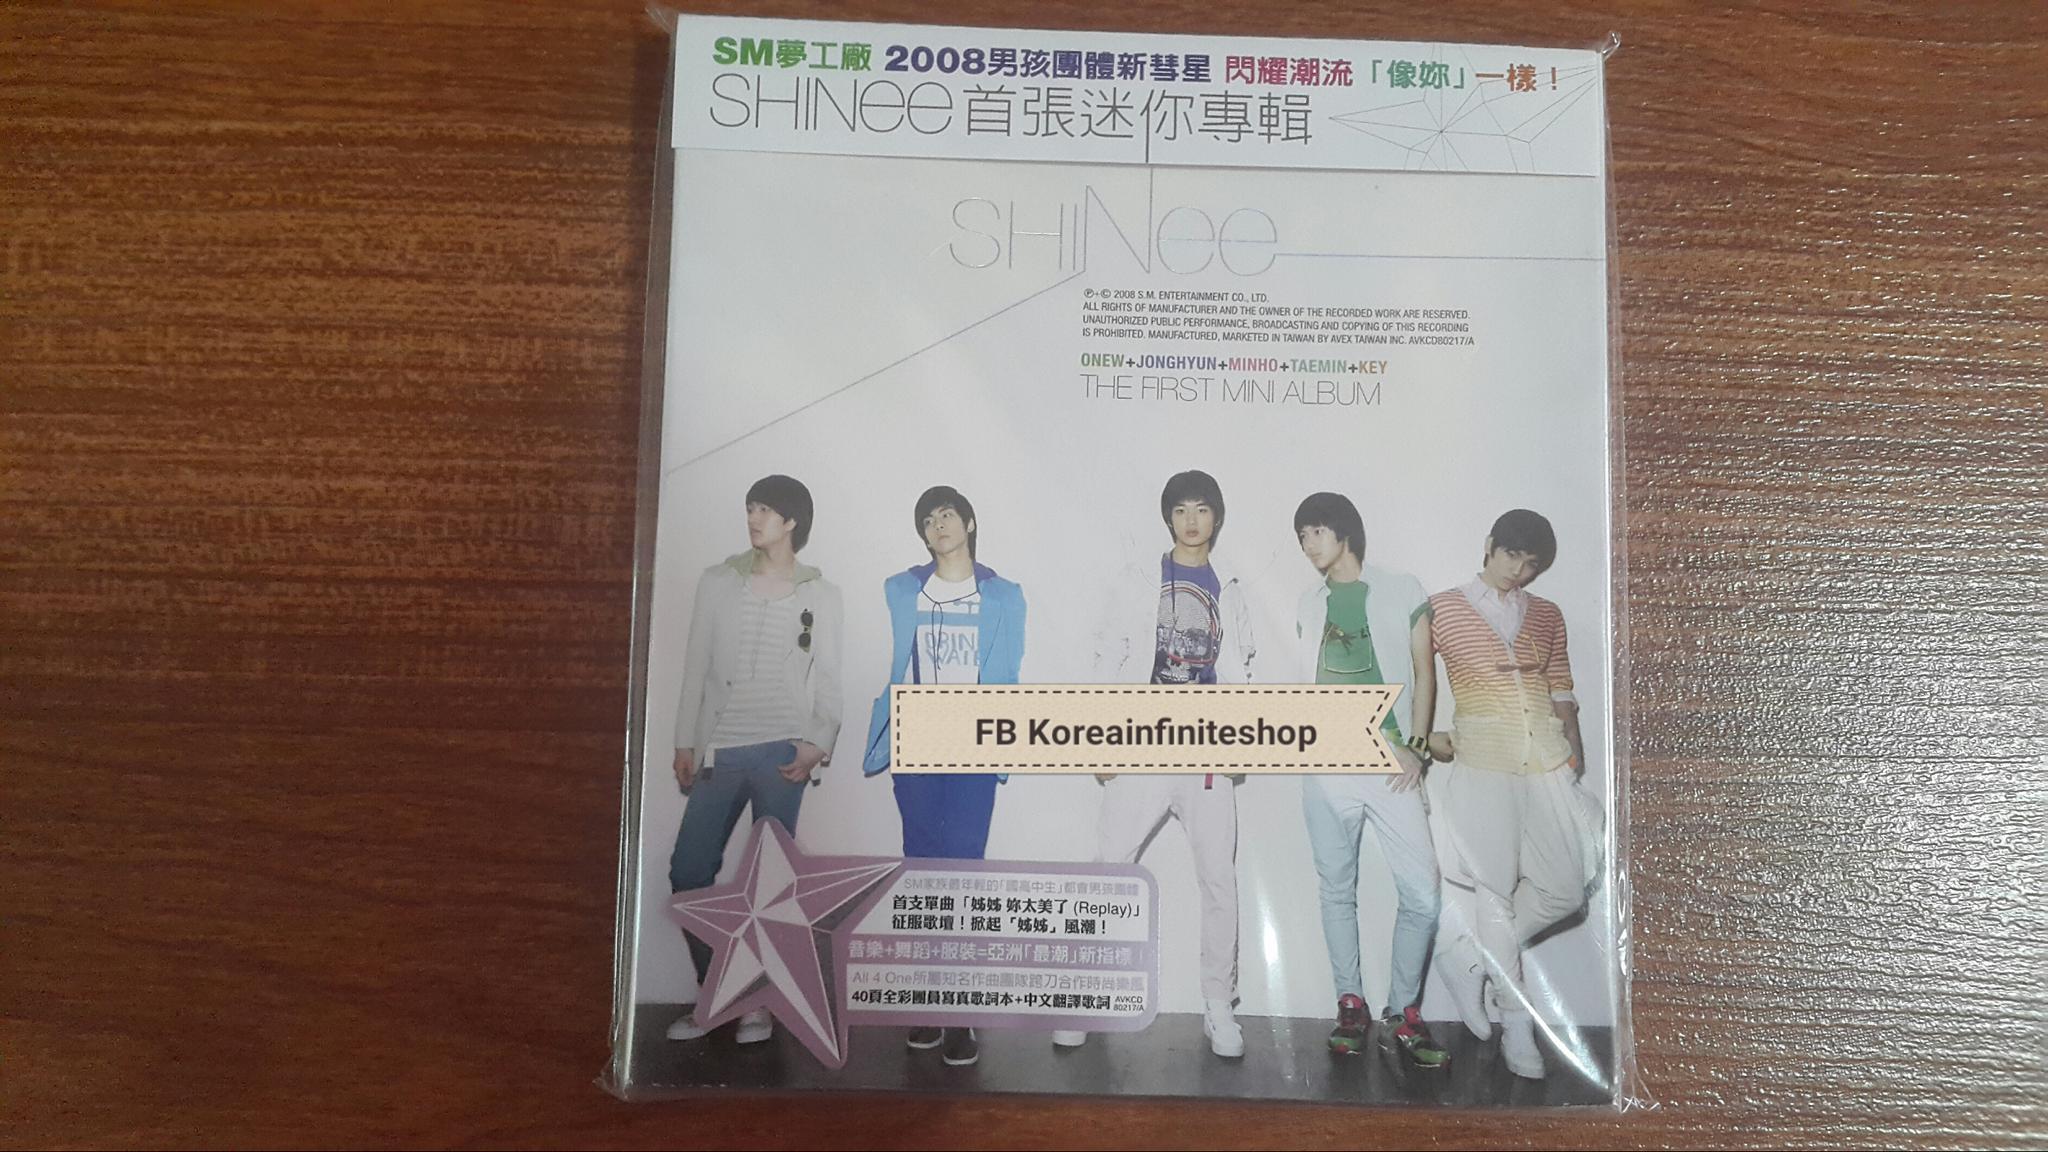 ( พร้อมส่ง ) SHINEE JAPANESE ALBUM MINI ALBUM 台湾盤 ไม่มี poster **  สินค้านำเข้าจากญี